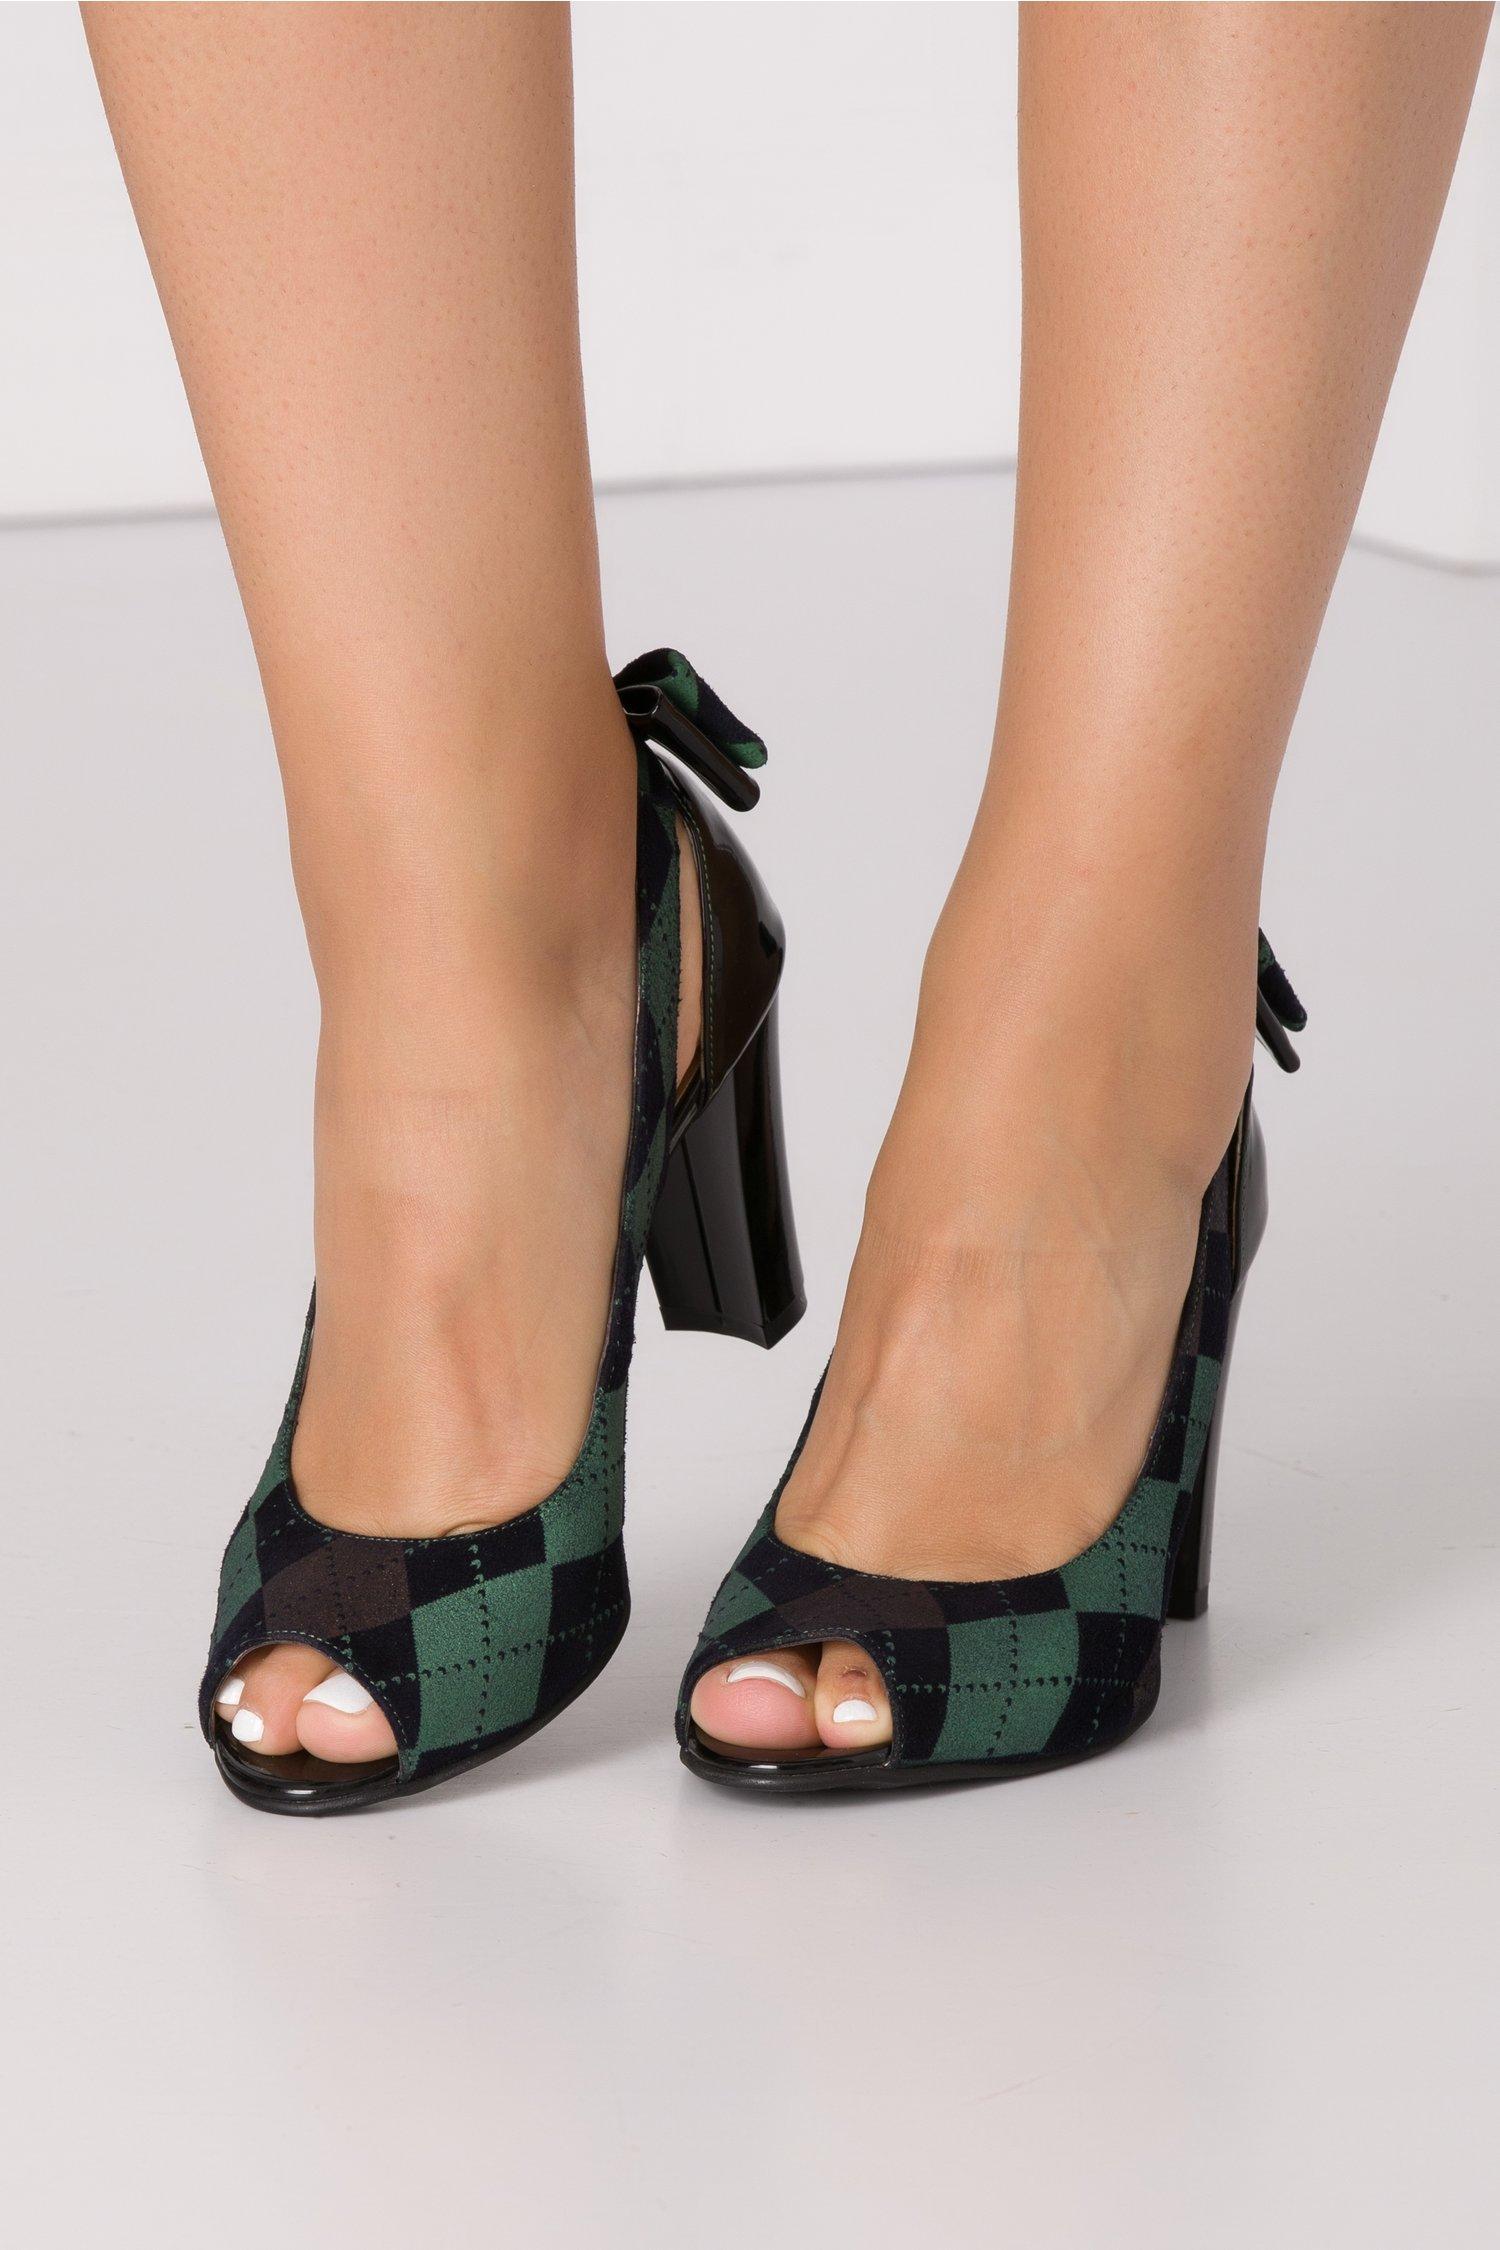 Pantofi decupati cu carouri verzi si fundita la spate